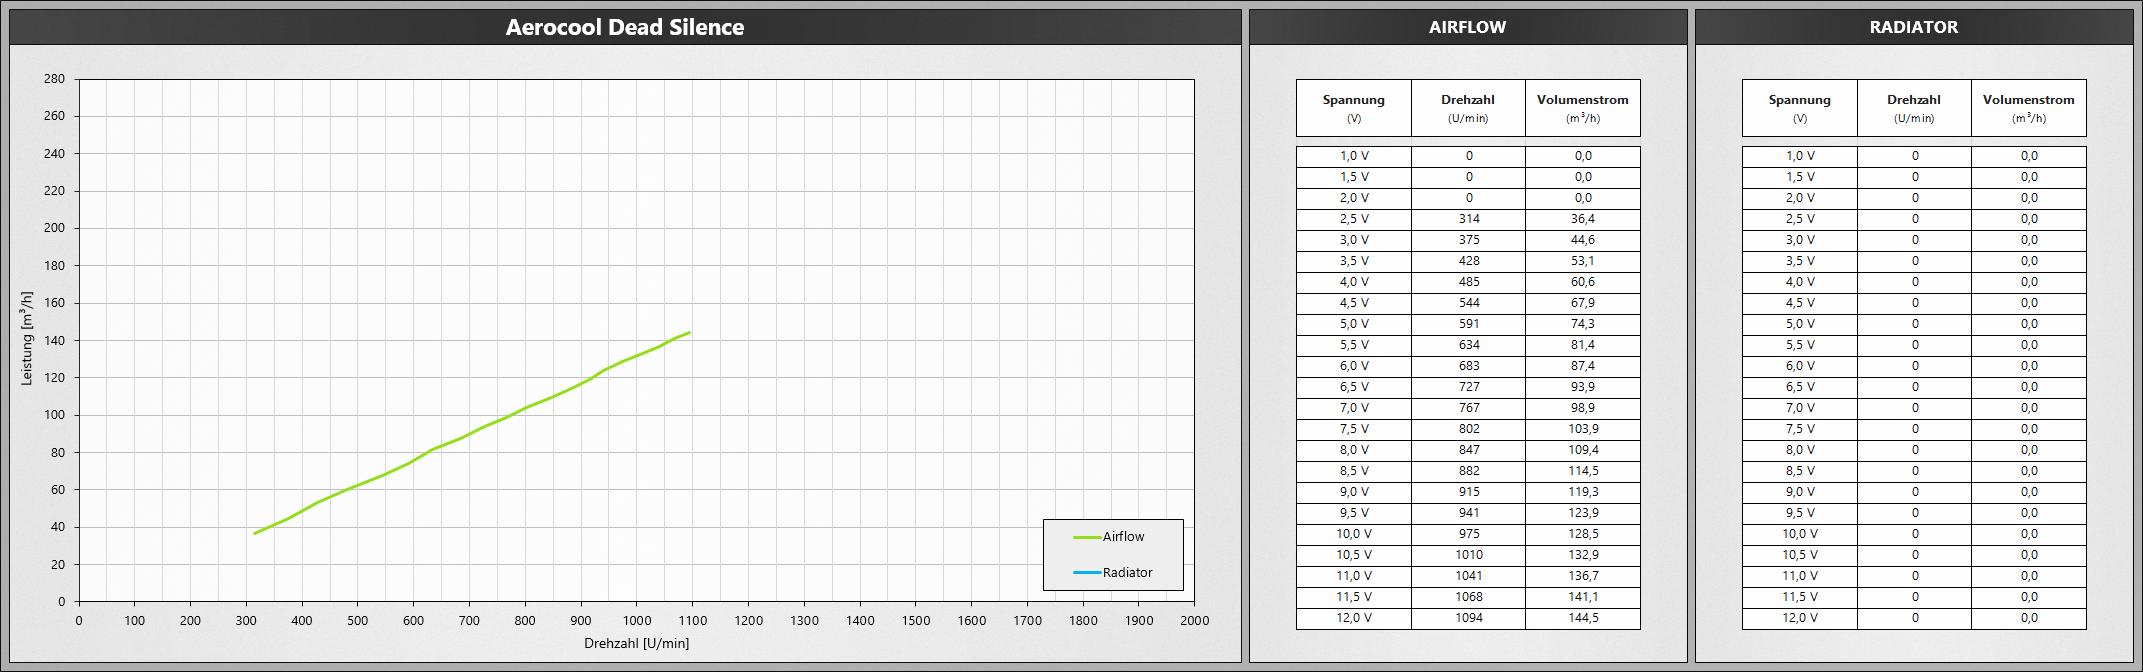 Klicken Sie auf die Grafik für eine größere Ansicht  Name:AerocoolDeadSilence.png Hits:665 Größe:467,4 KB ID:1074748